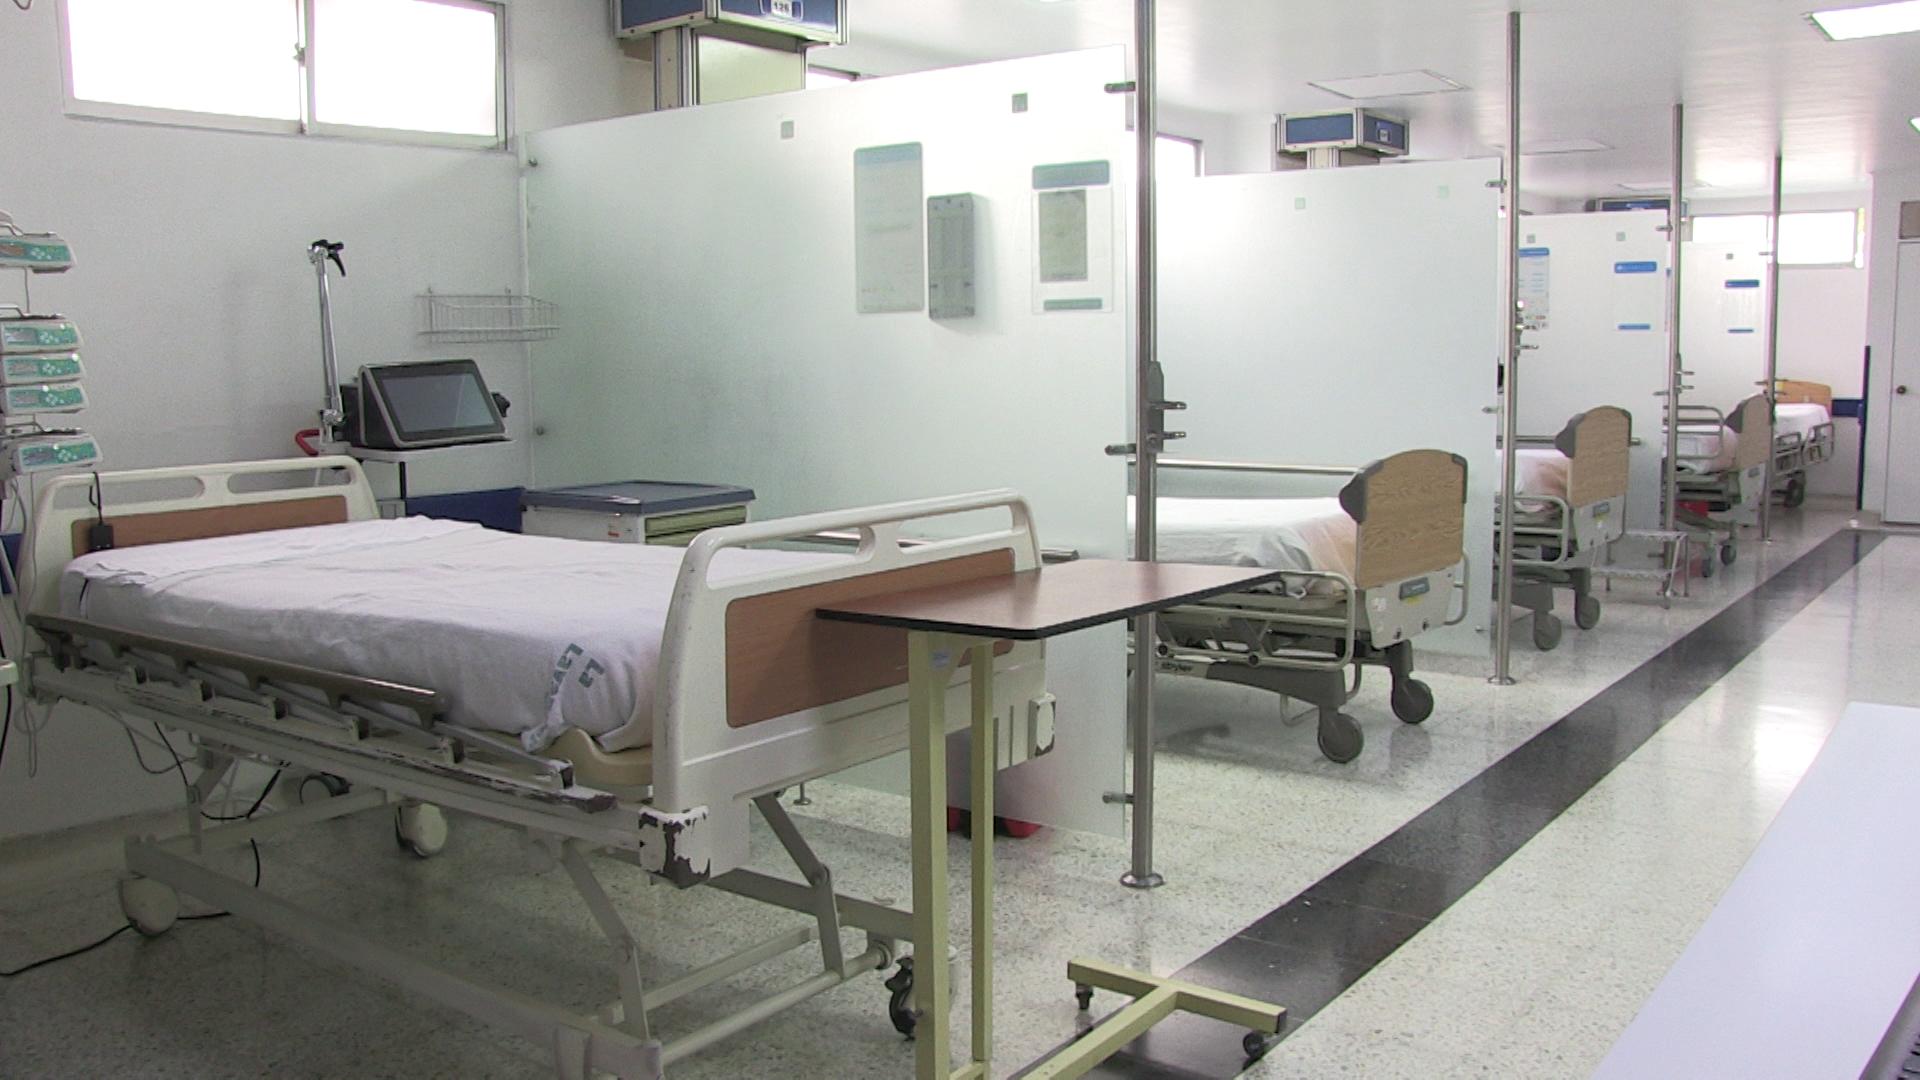 Con 42 camas de cuidados intensivos, el Hospital El Tunal se ha preparado a la espera de que las hospitalizaciones por Covid-19 puedan aumentar.